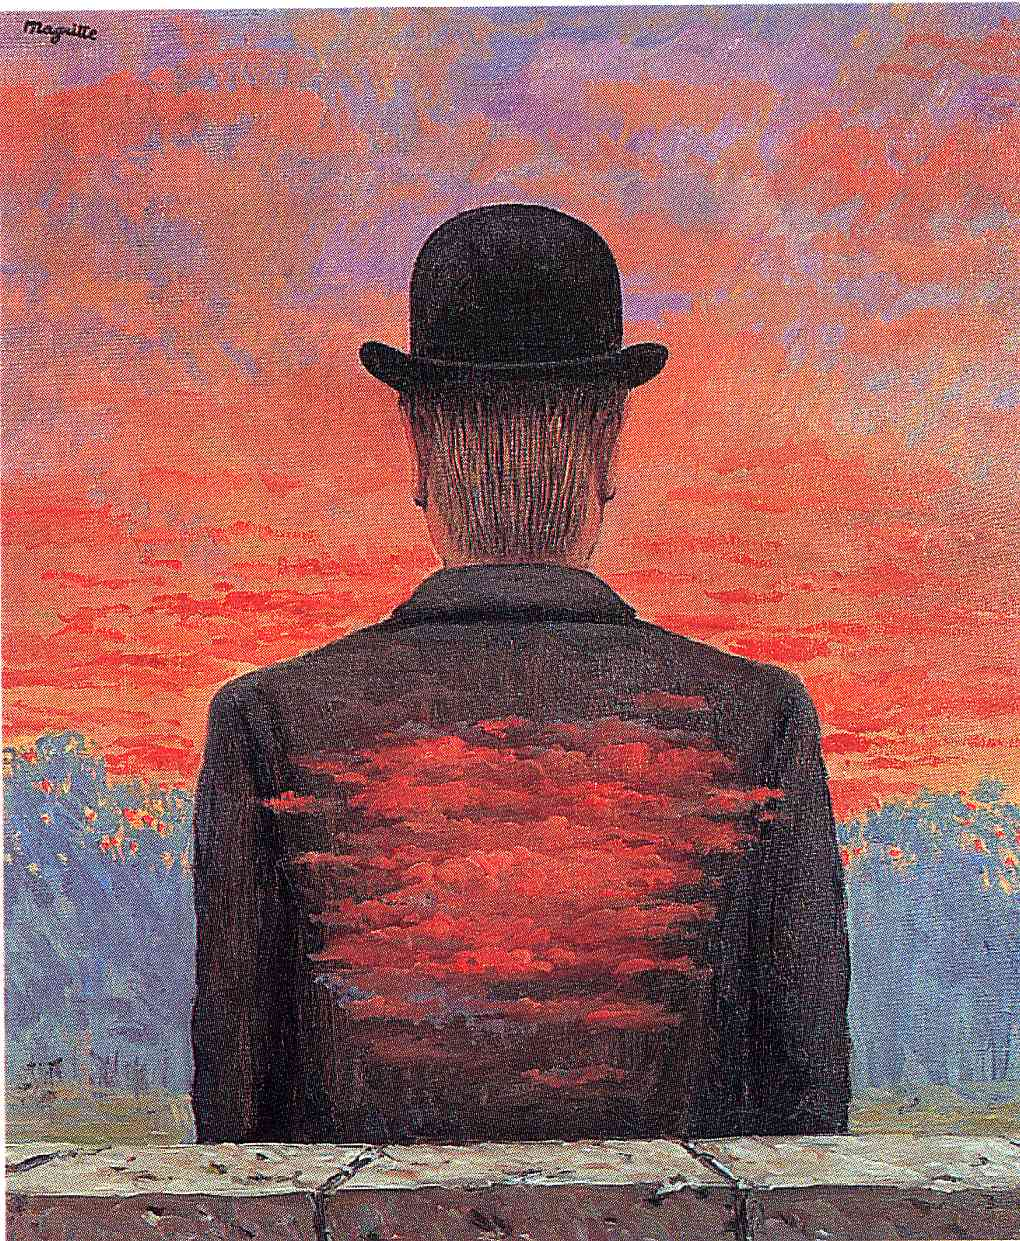 Рене Магритт - Вознаграждение поэта, 1956